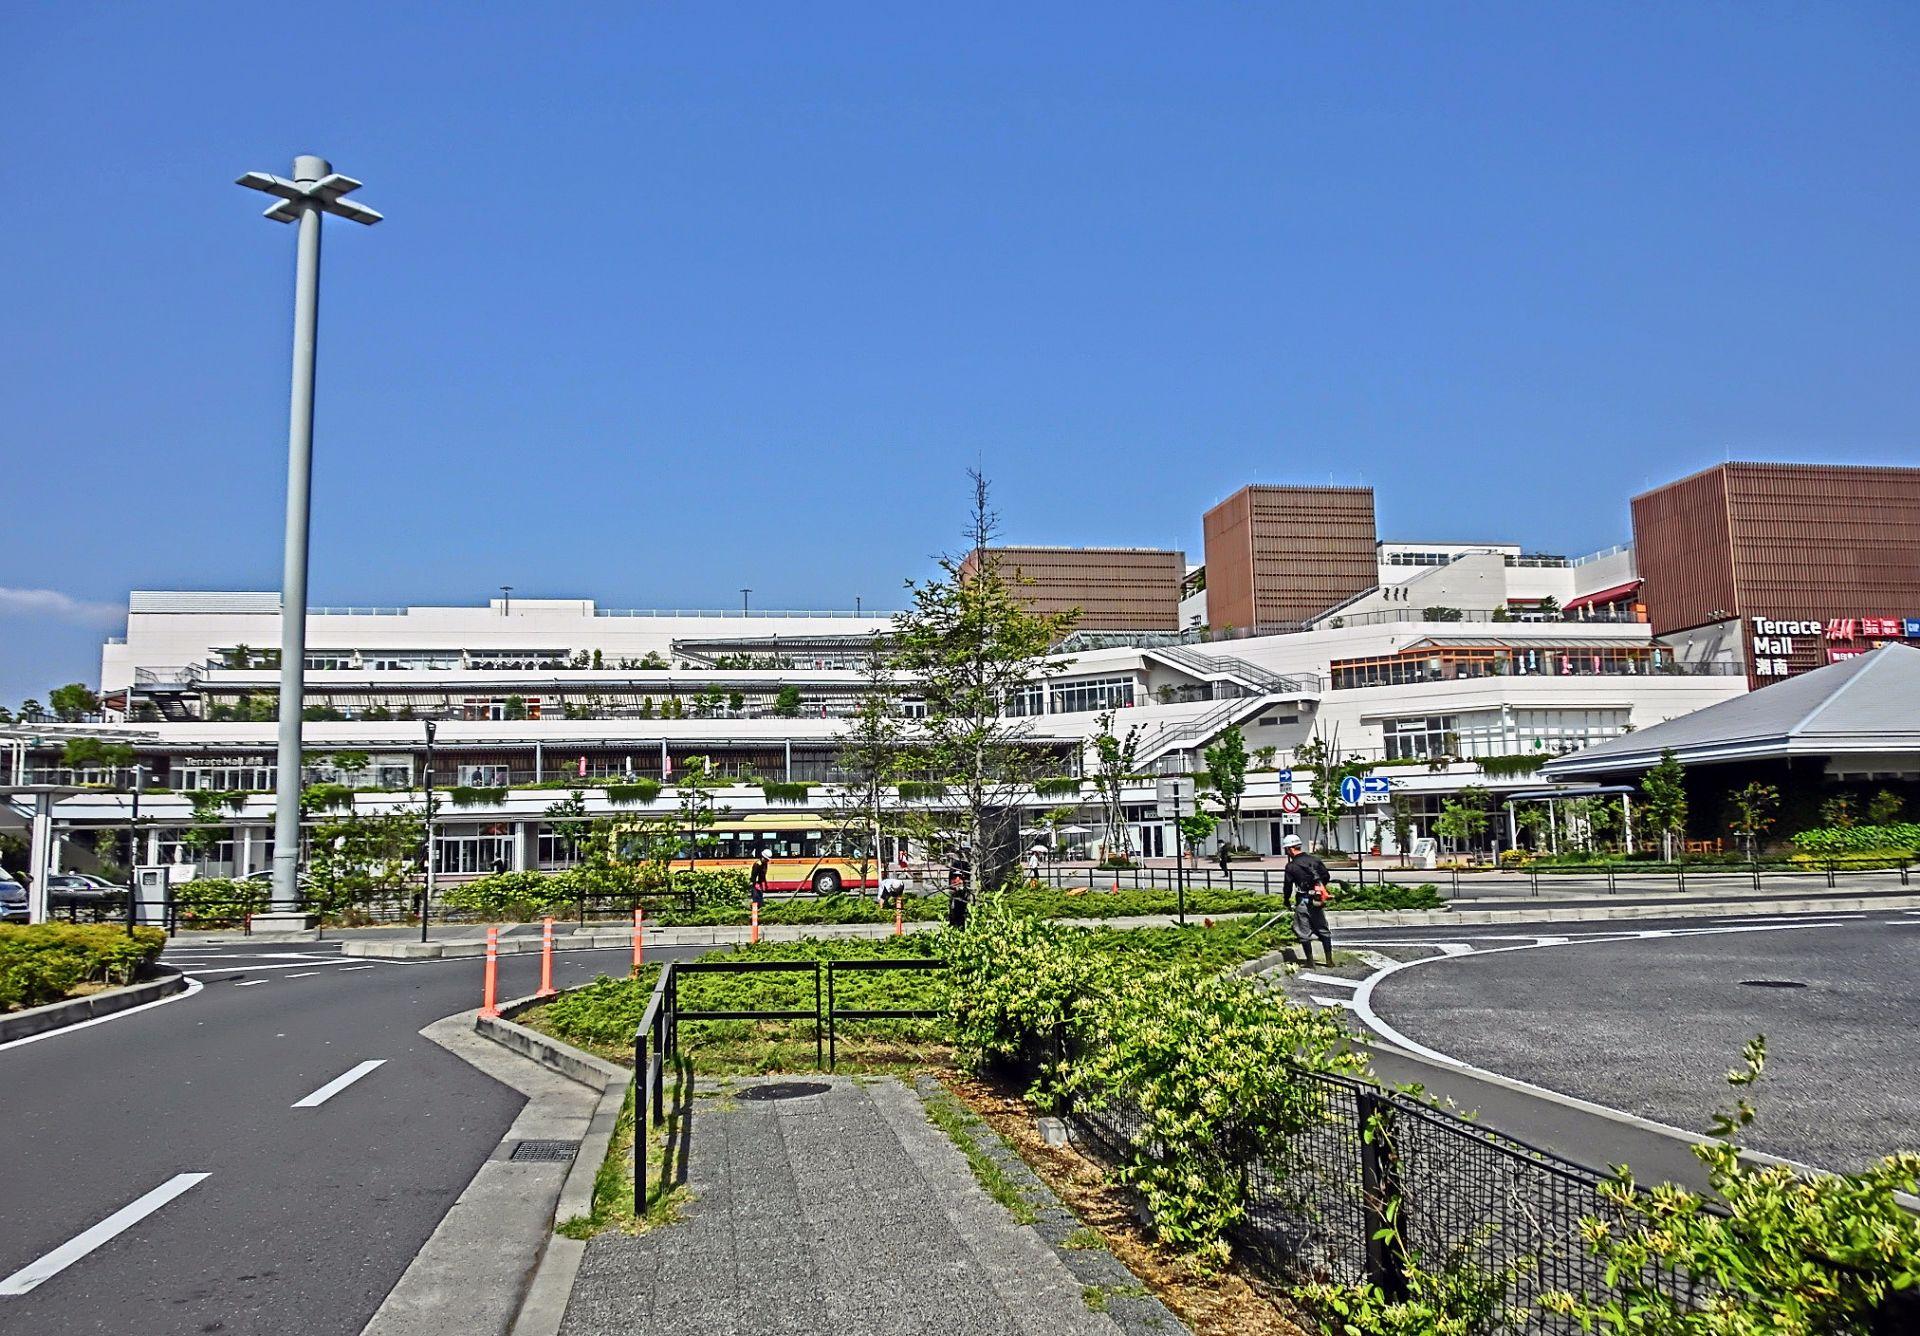 都心への通勤が便利な藤沢駅、辻堂駅、湘南台駅周辺の地価が上昇傾向にある神奈川県藤沢市。